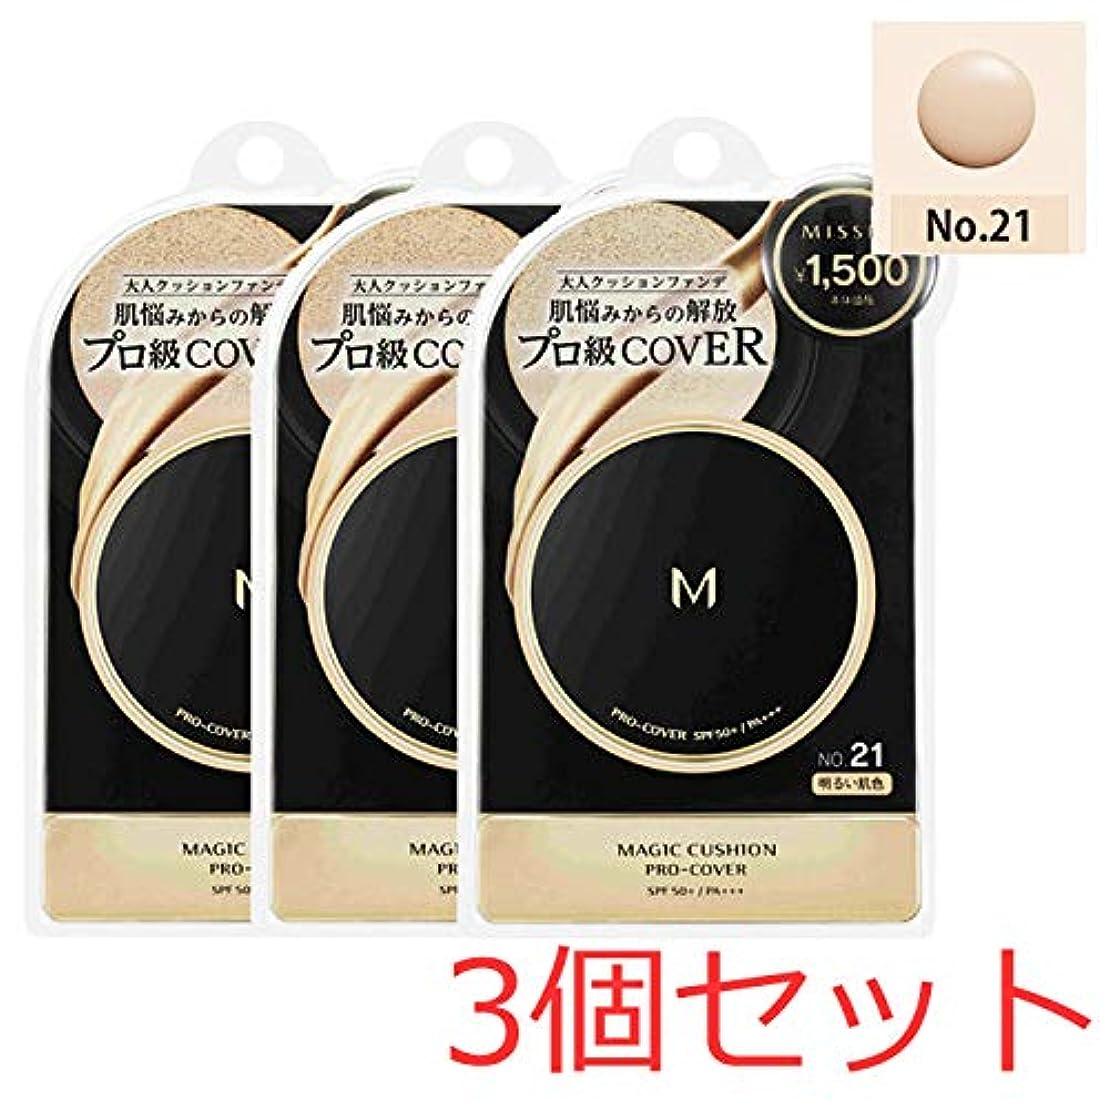 市民権円形戦争ミシャ MISSHA M クッションファンデーション(プロカバー) No.21 15g 3個セット